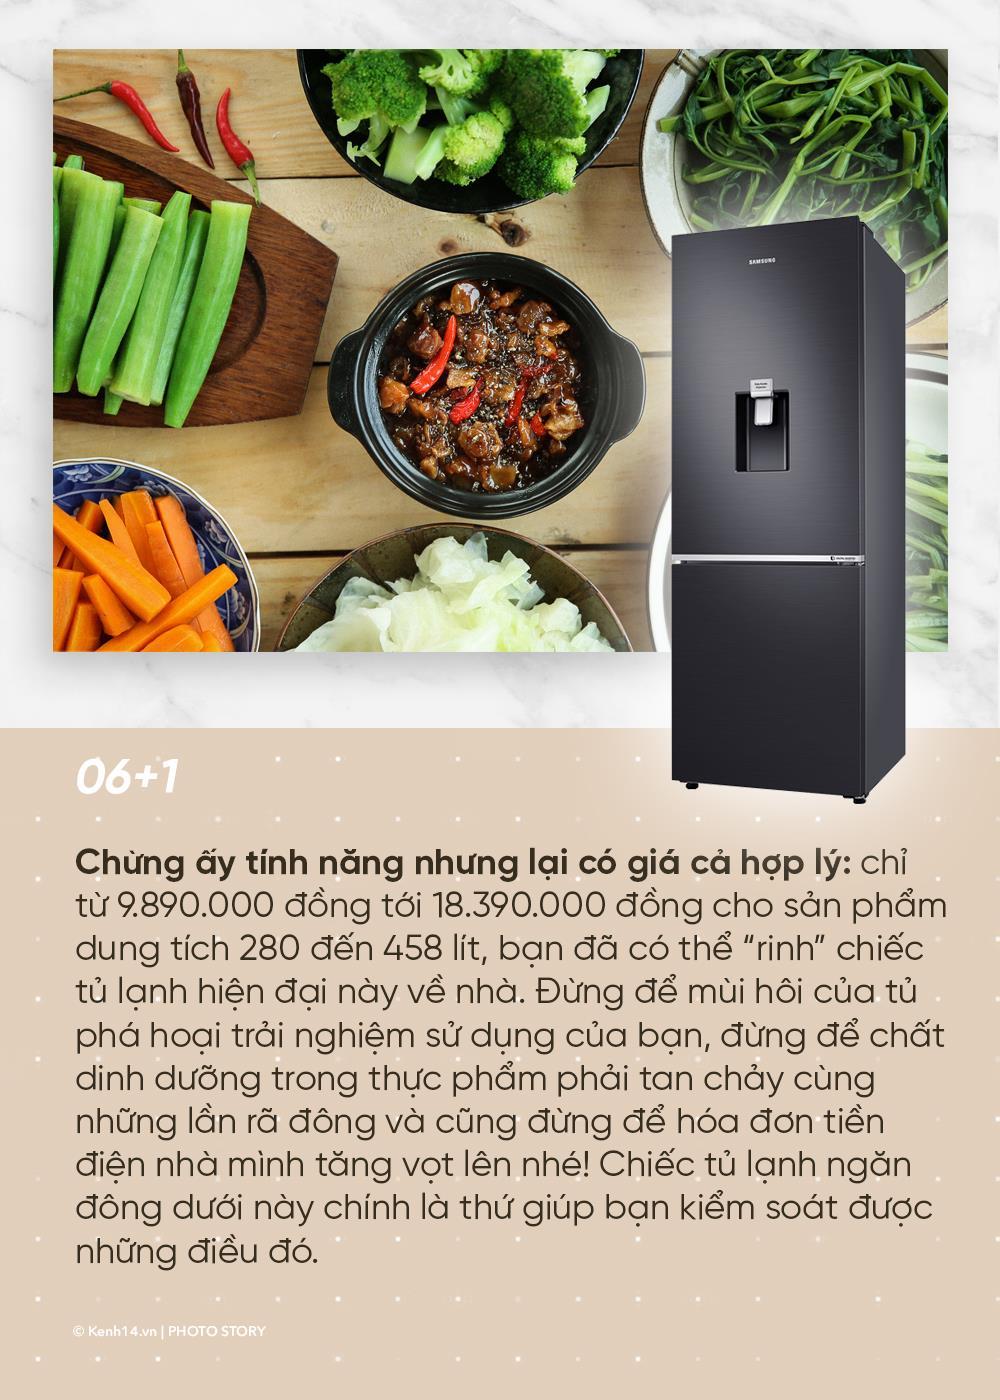 6+1 ưu điểm không thể phủ nhận của chiếc tủ lạnh -1 độ C - Ảnh 7.